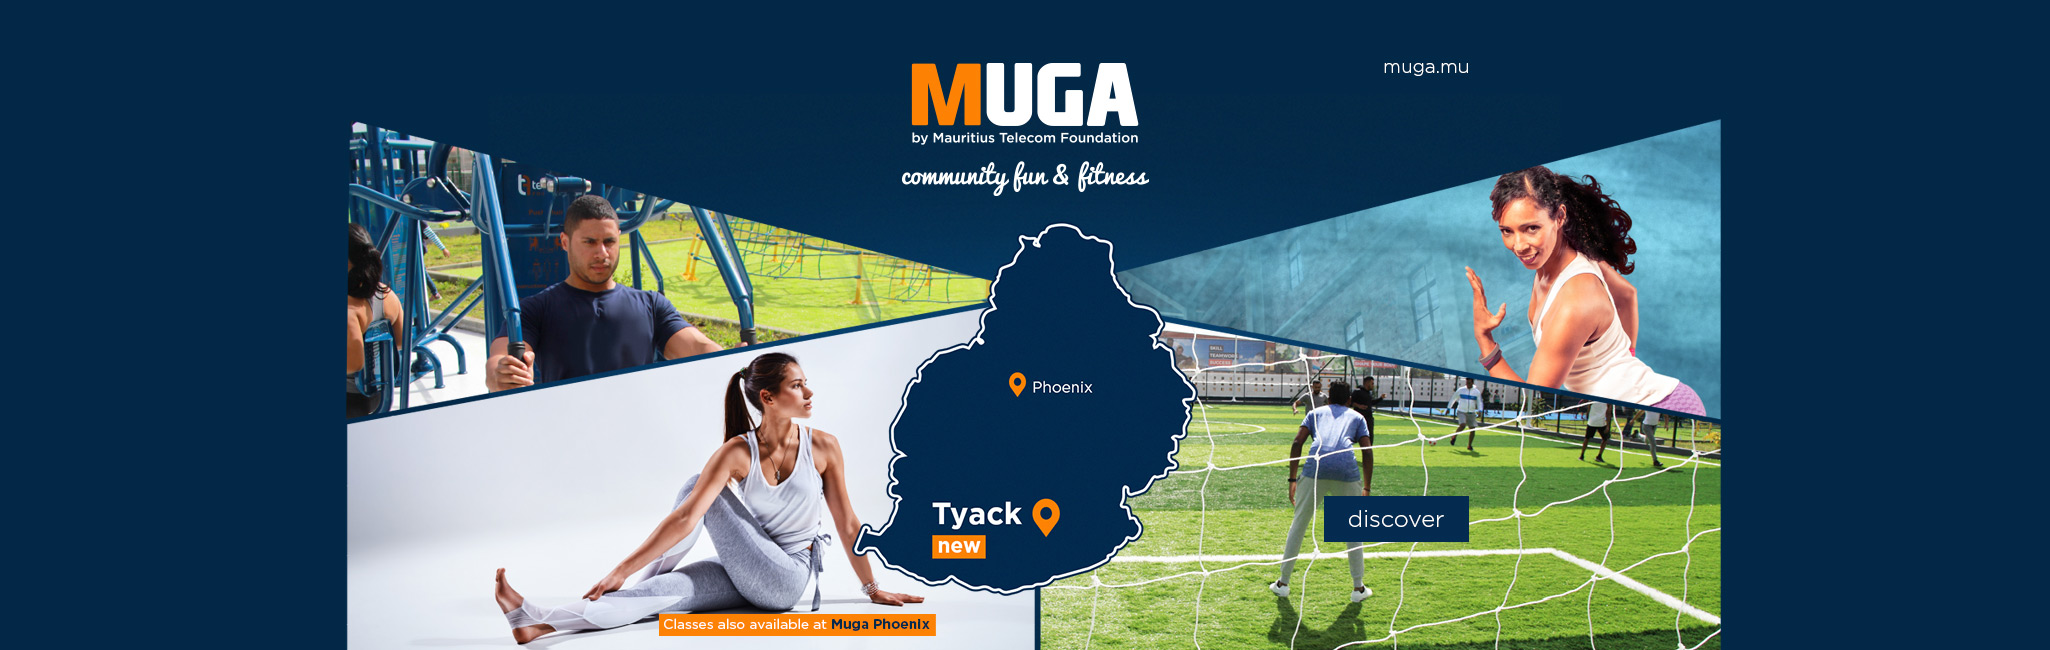 MUGA Tyack